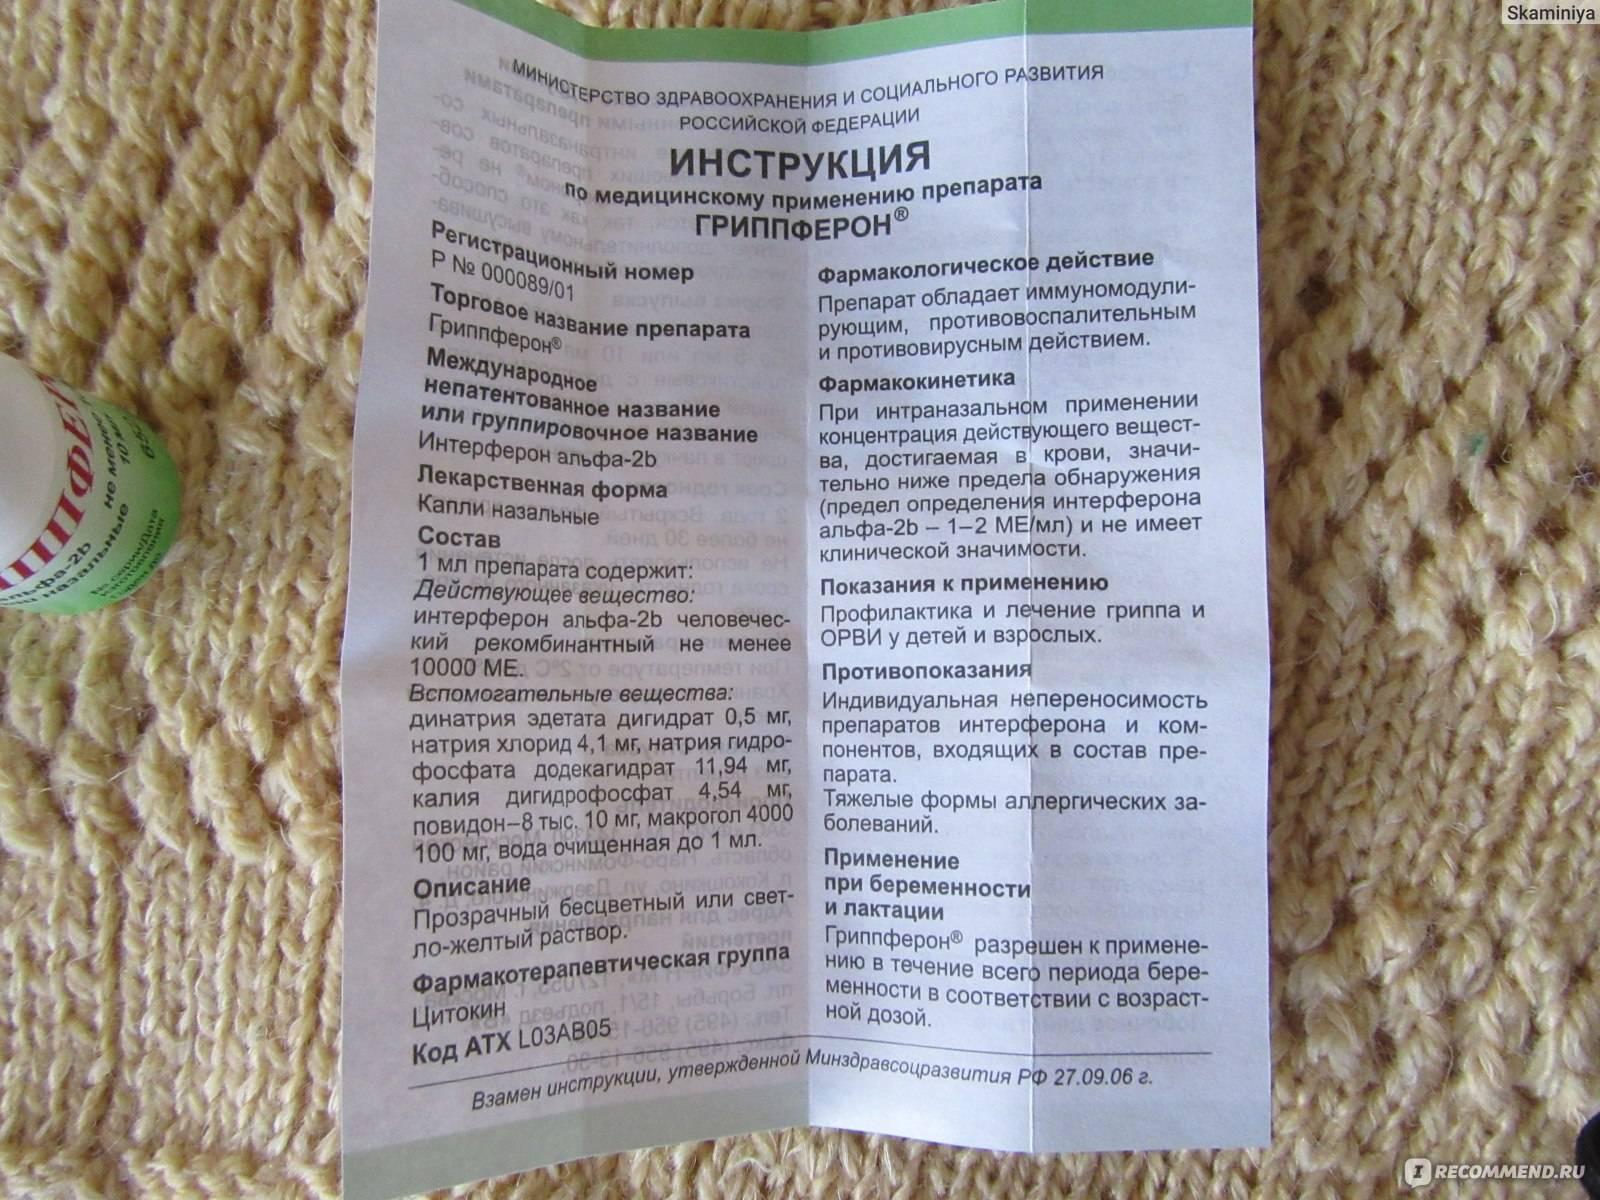 Гриппферон. инструкция по применению. справочник лекарств, медикаментов, бад